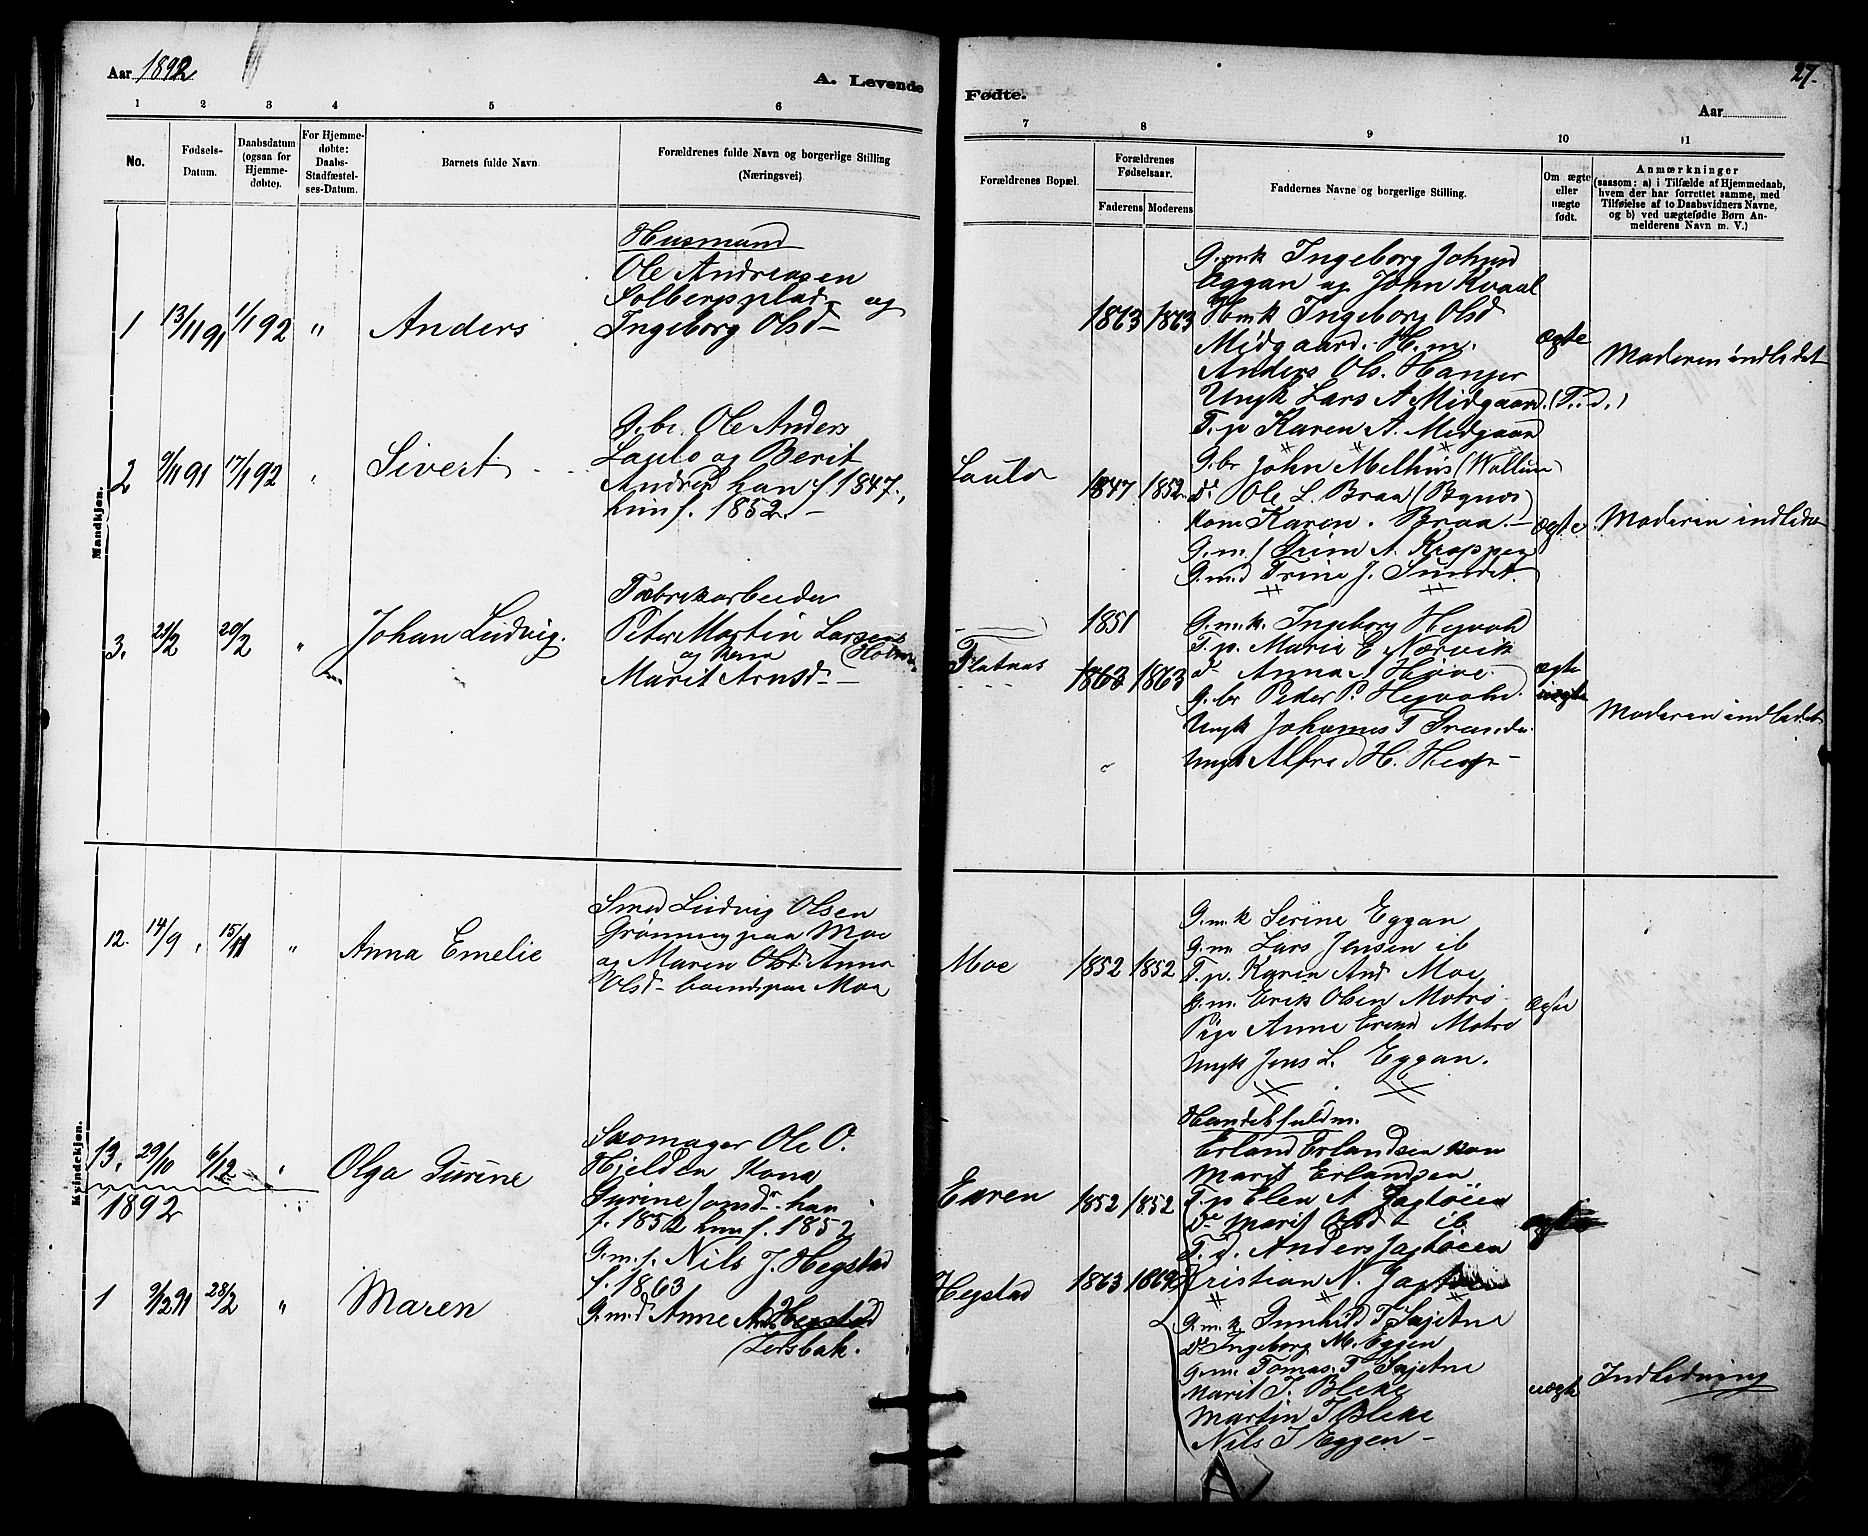 SAT, Ministerialprotokoller, klokkerbøker og fødselsregistre - Sør-Trøndelag, 613/L0395: Klokkerbok nr. 613C03, 1887-1909, s. 27